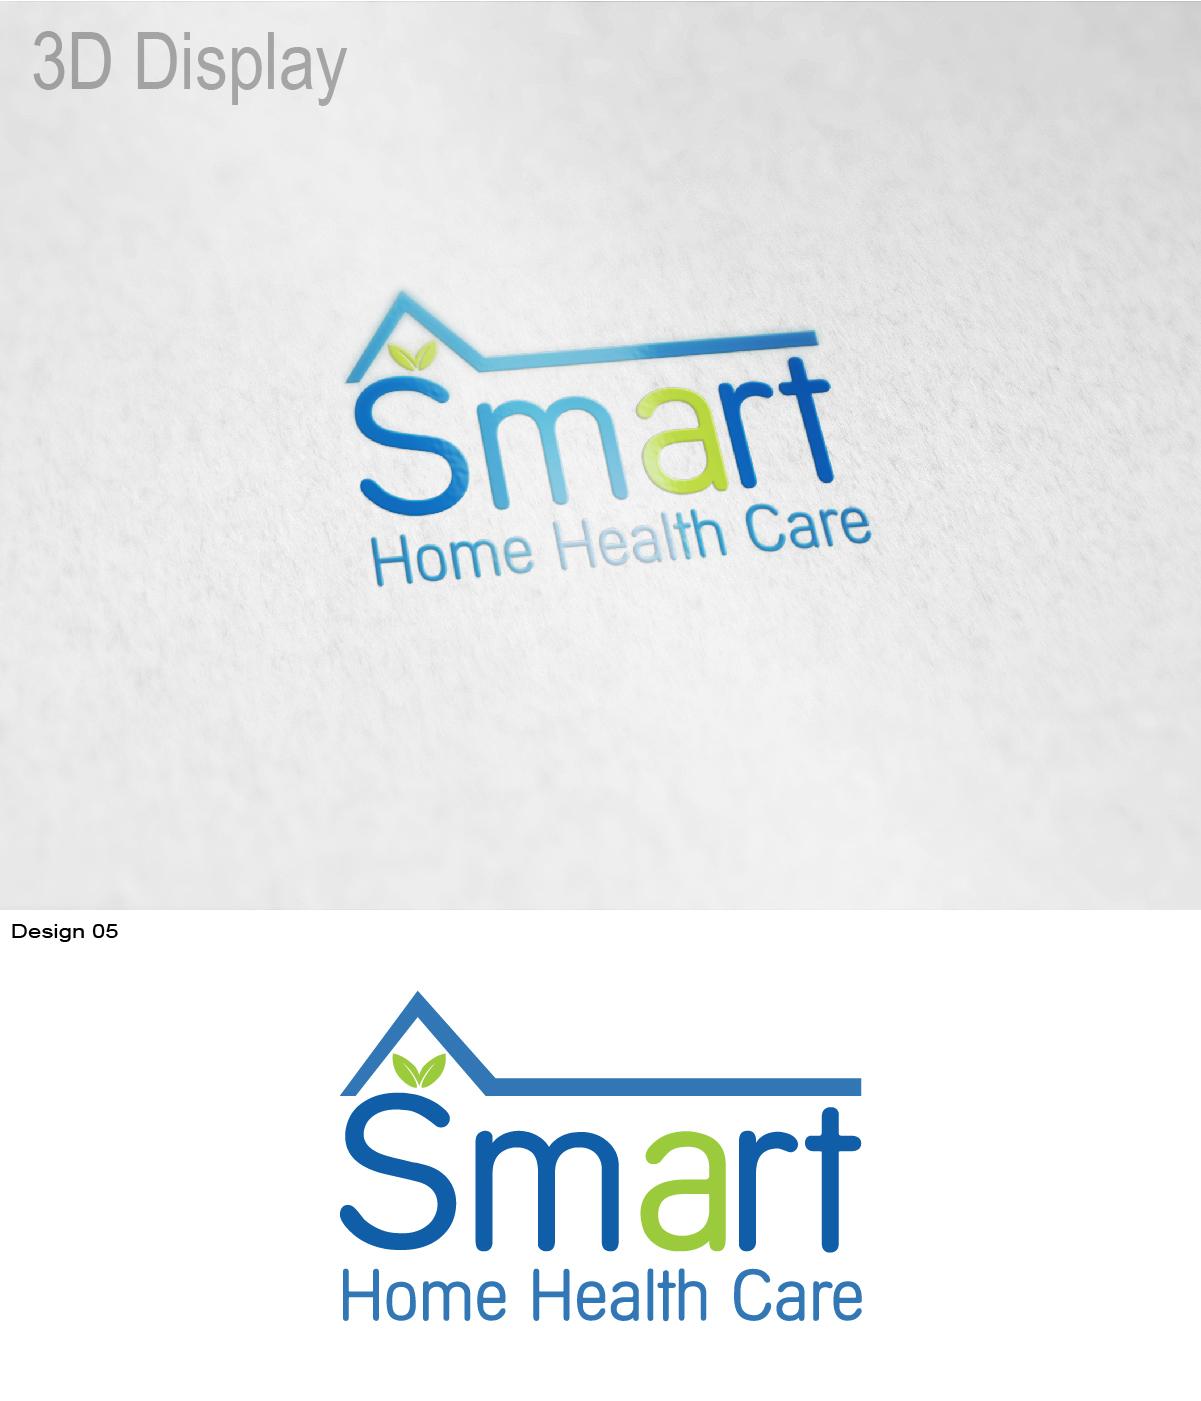 Logo Design By BlacknWhite For Smart Home Health Care Business Needs  International Logo   Design #